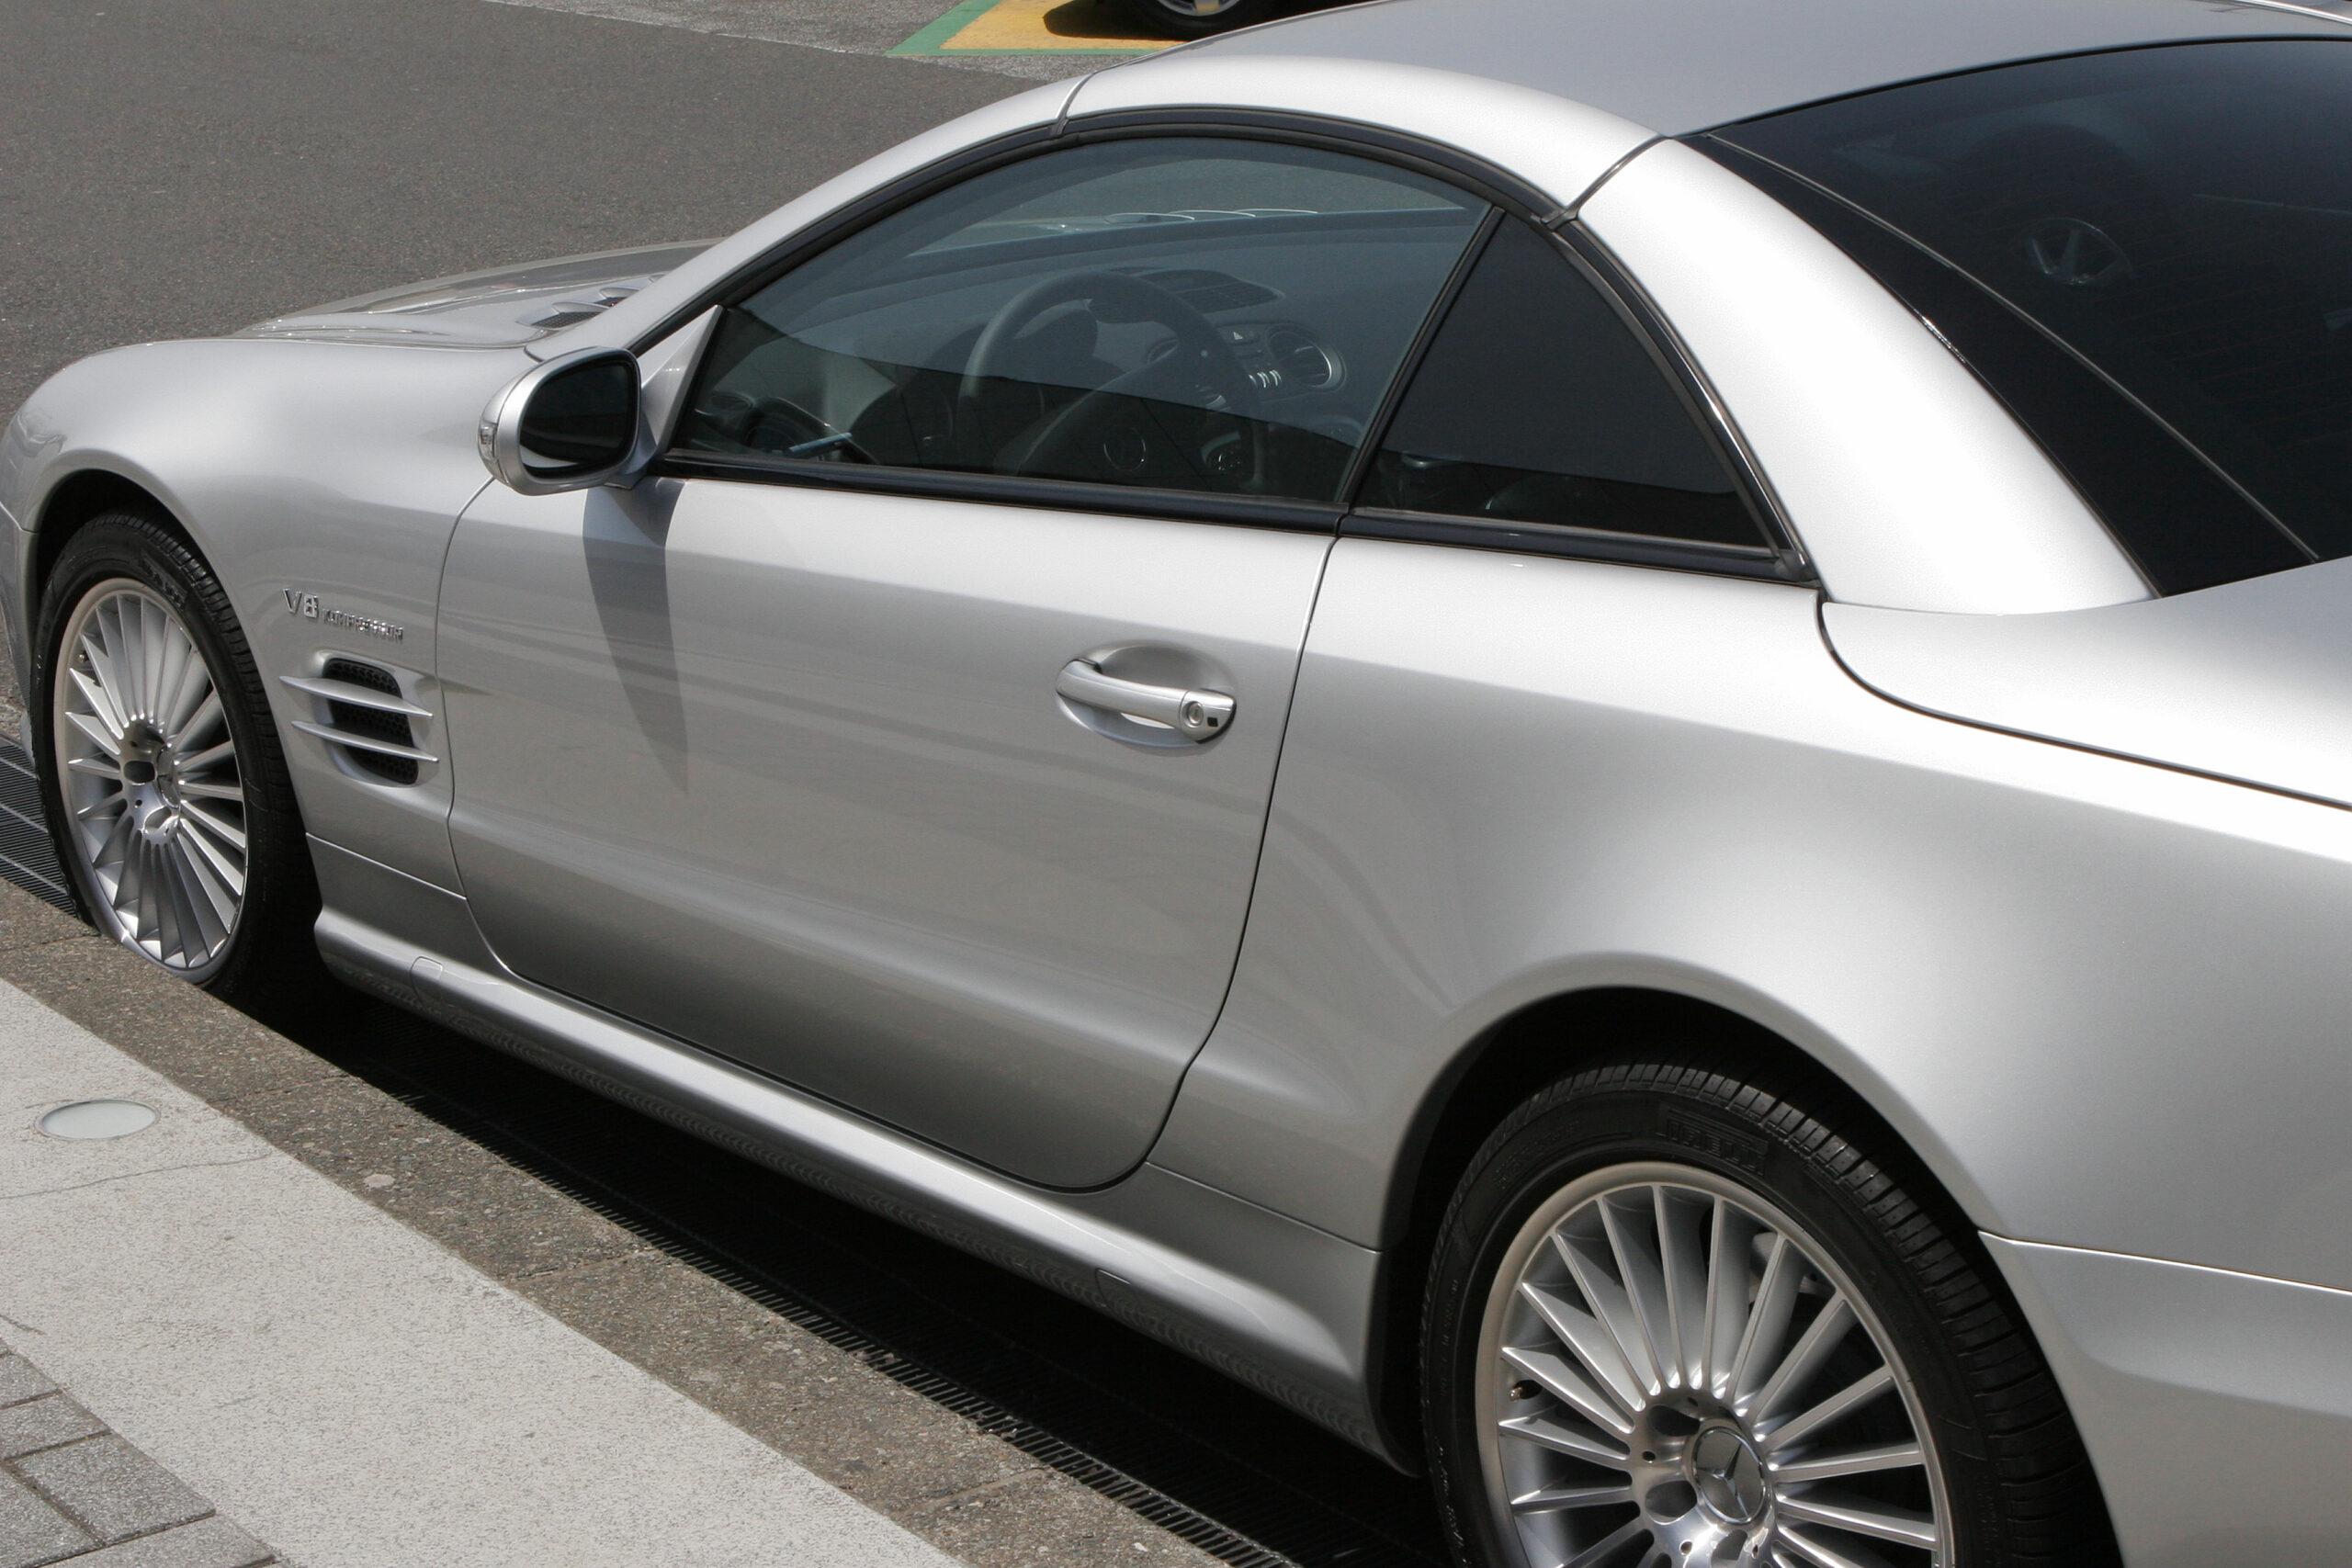 自動車税(種別割)の令和3年度納税通知書が5月6日(木)より発送されます